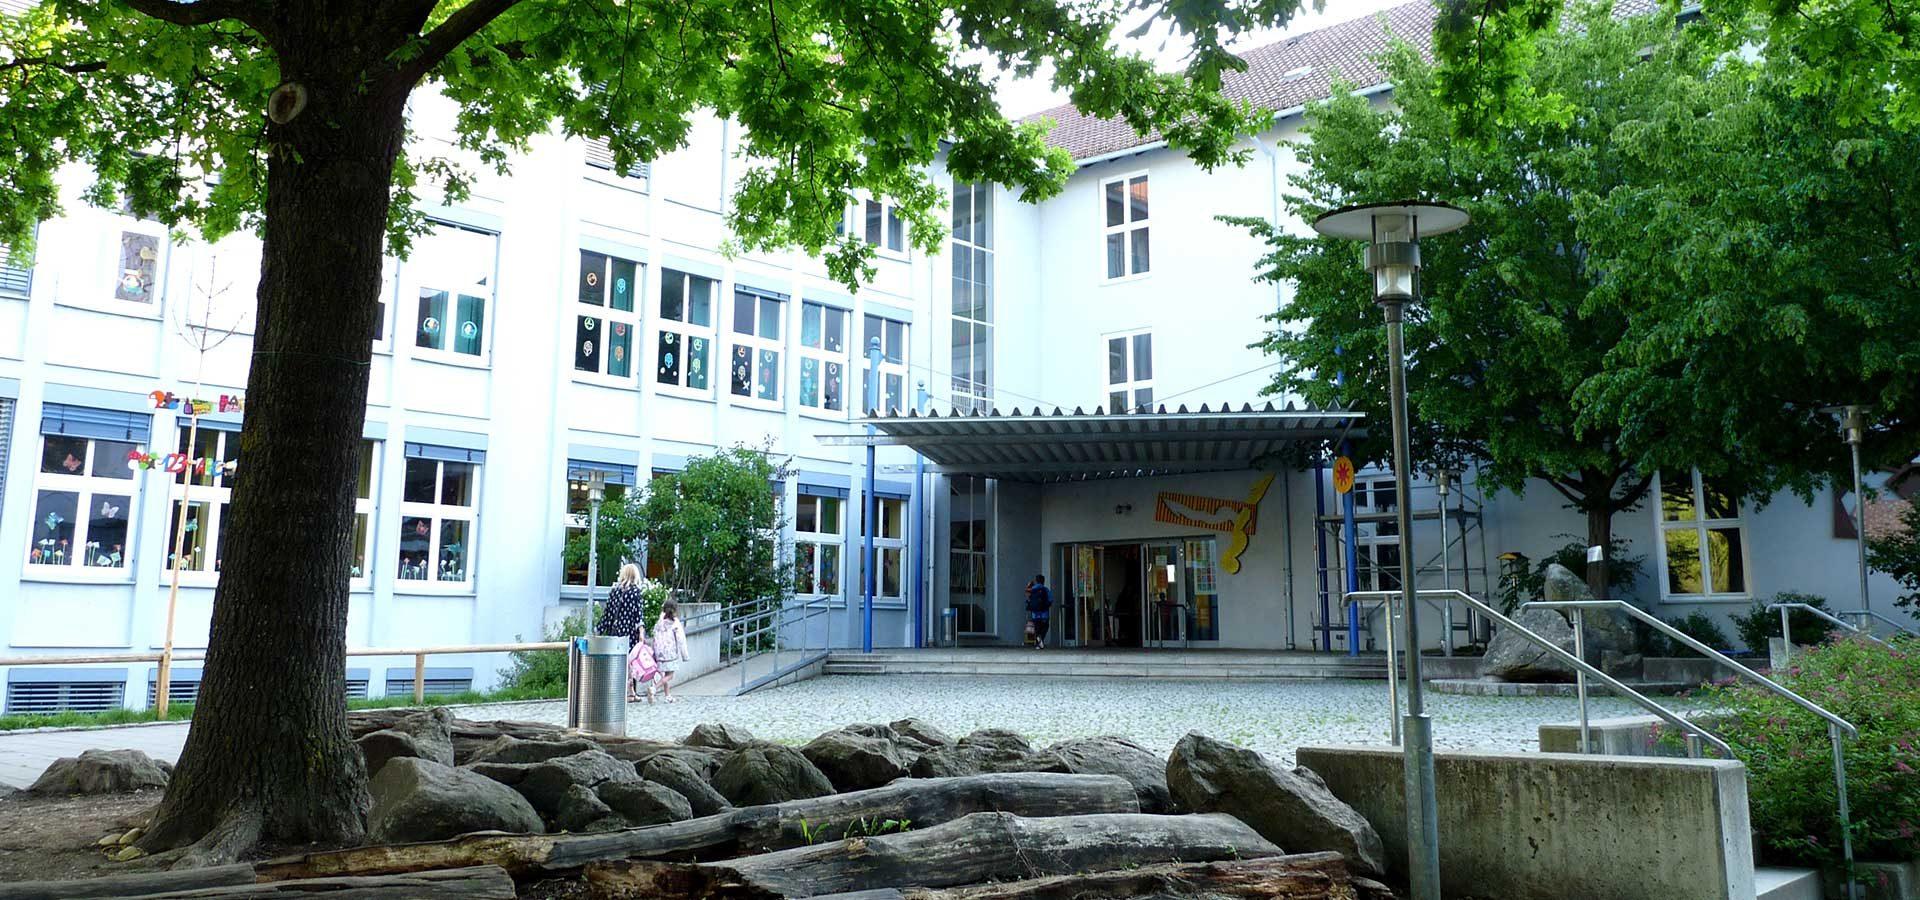 Mittelschule in Straubing